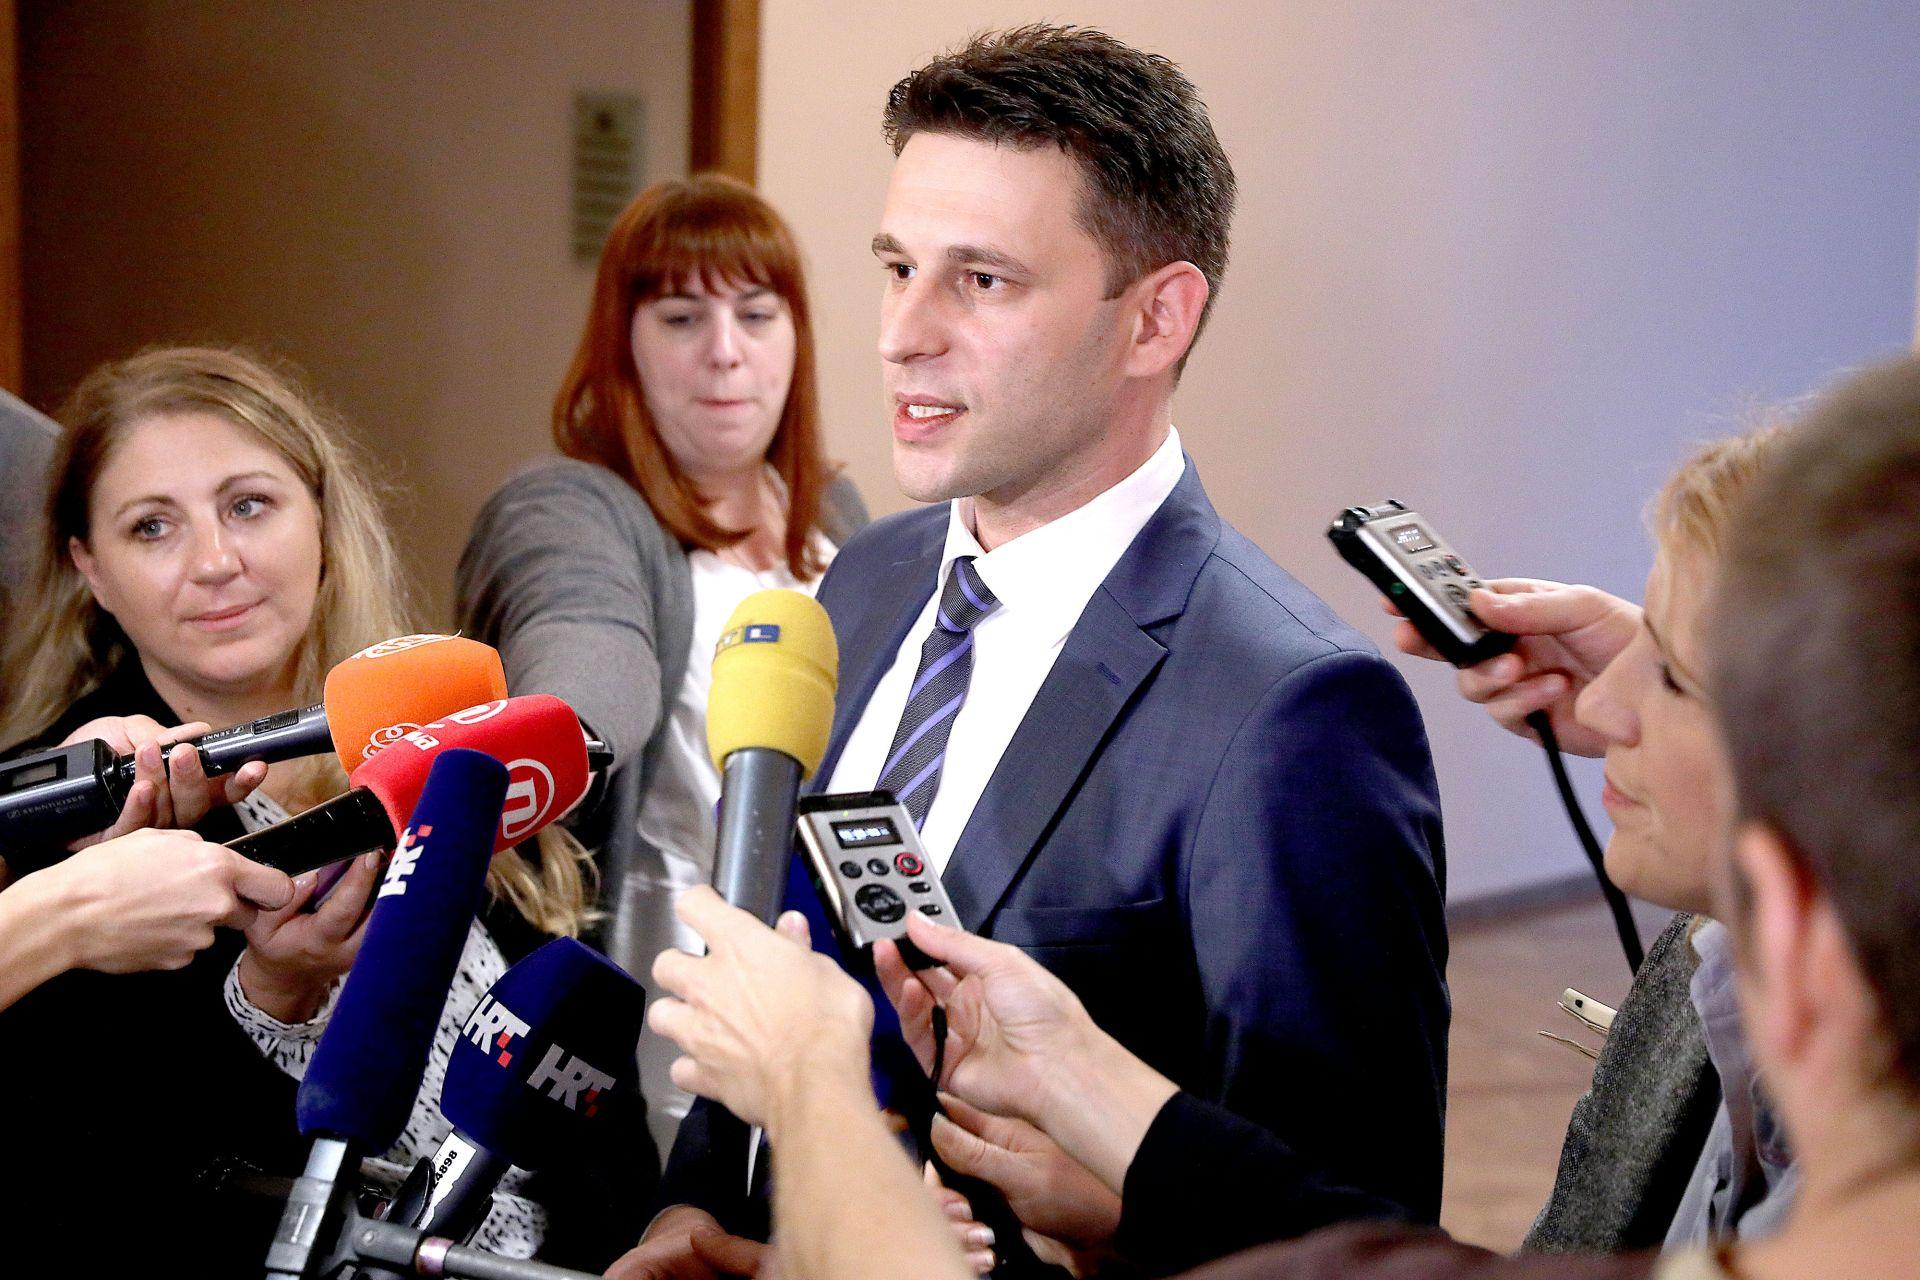 POSKUPLJENJE STRUJE Petrov: 'Pokušat ćemo pronaći način da to građani ne osjete'